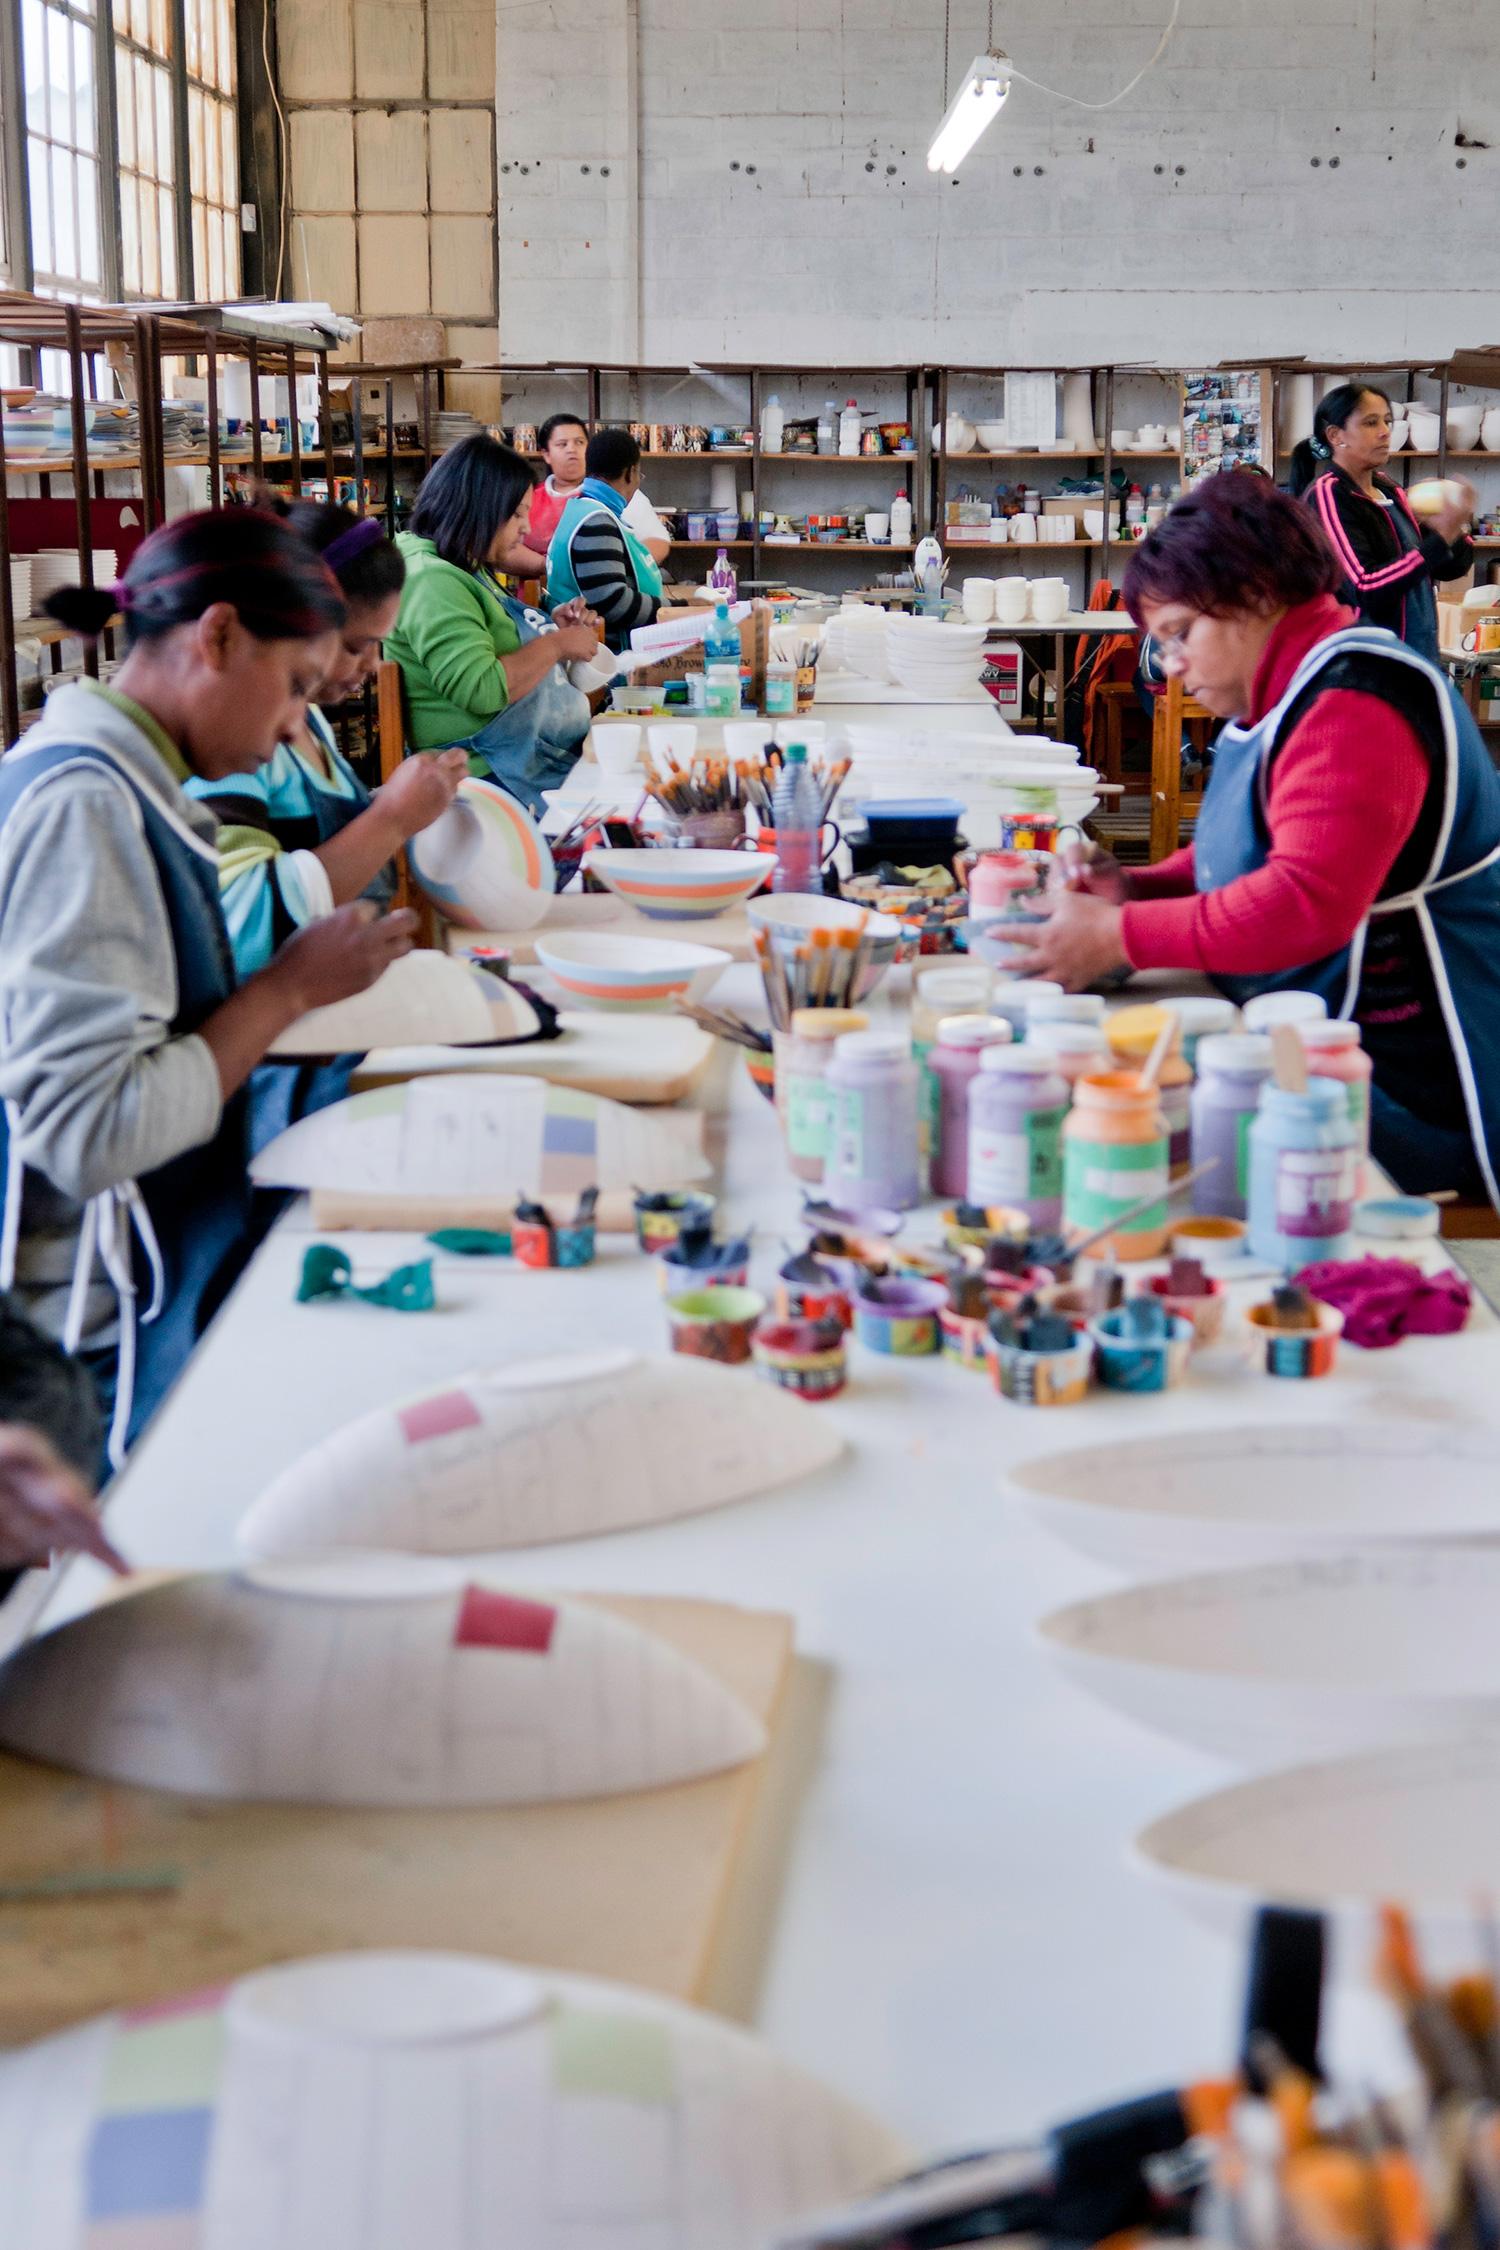 kapula-handmade-hand-painted-ceramics-women-team-table.jpg